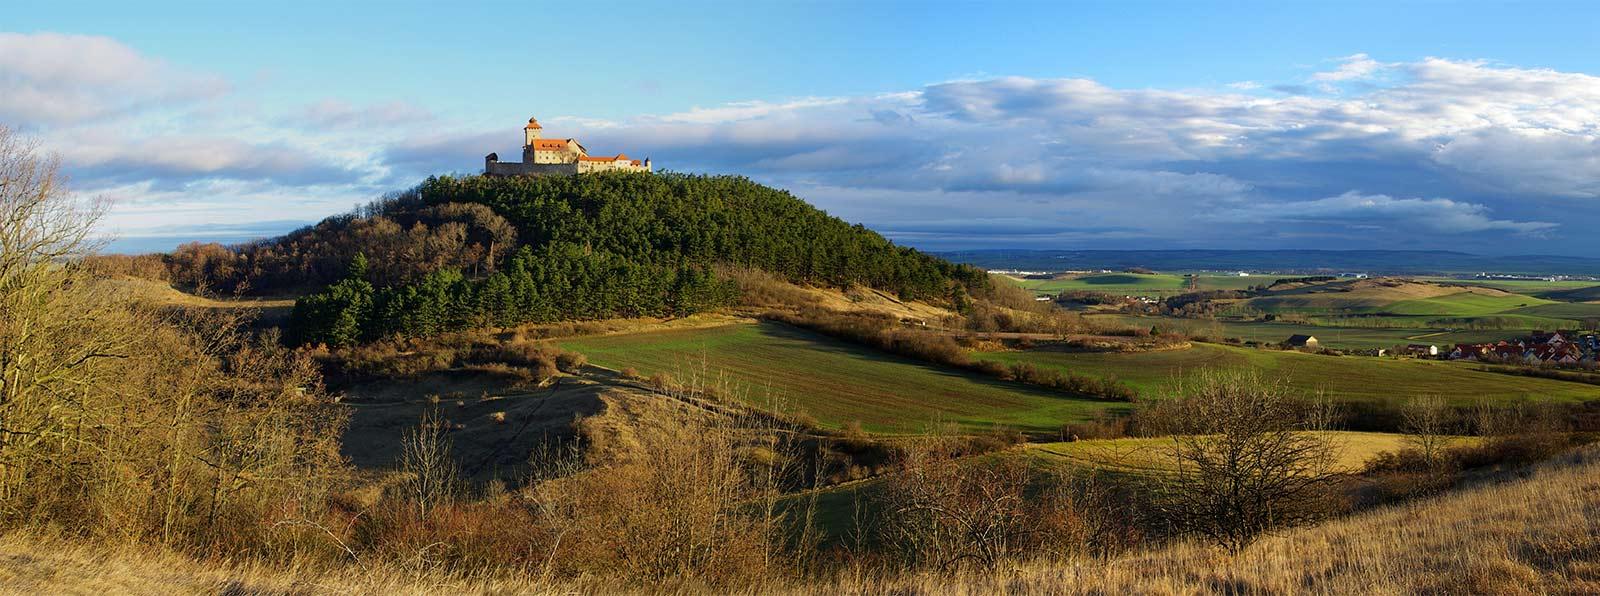 Wachsenburg Panorama